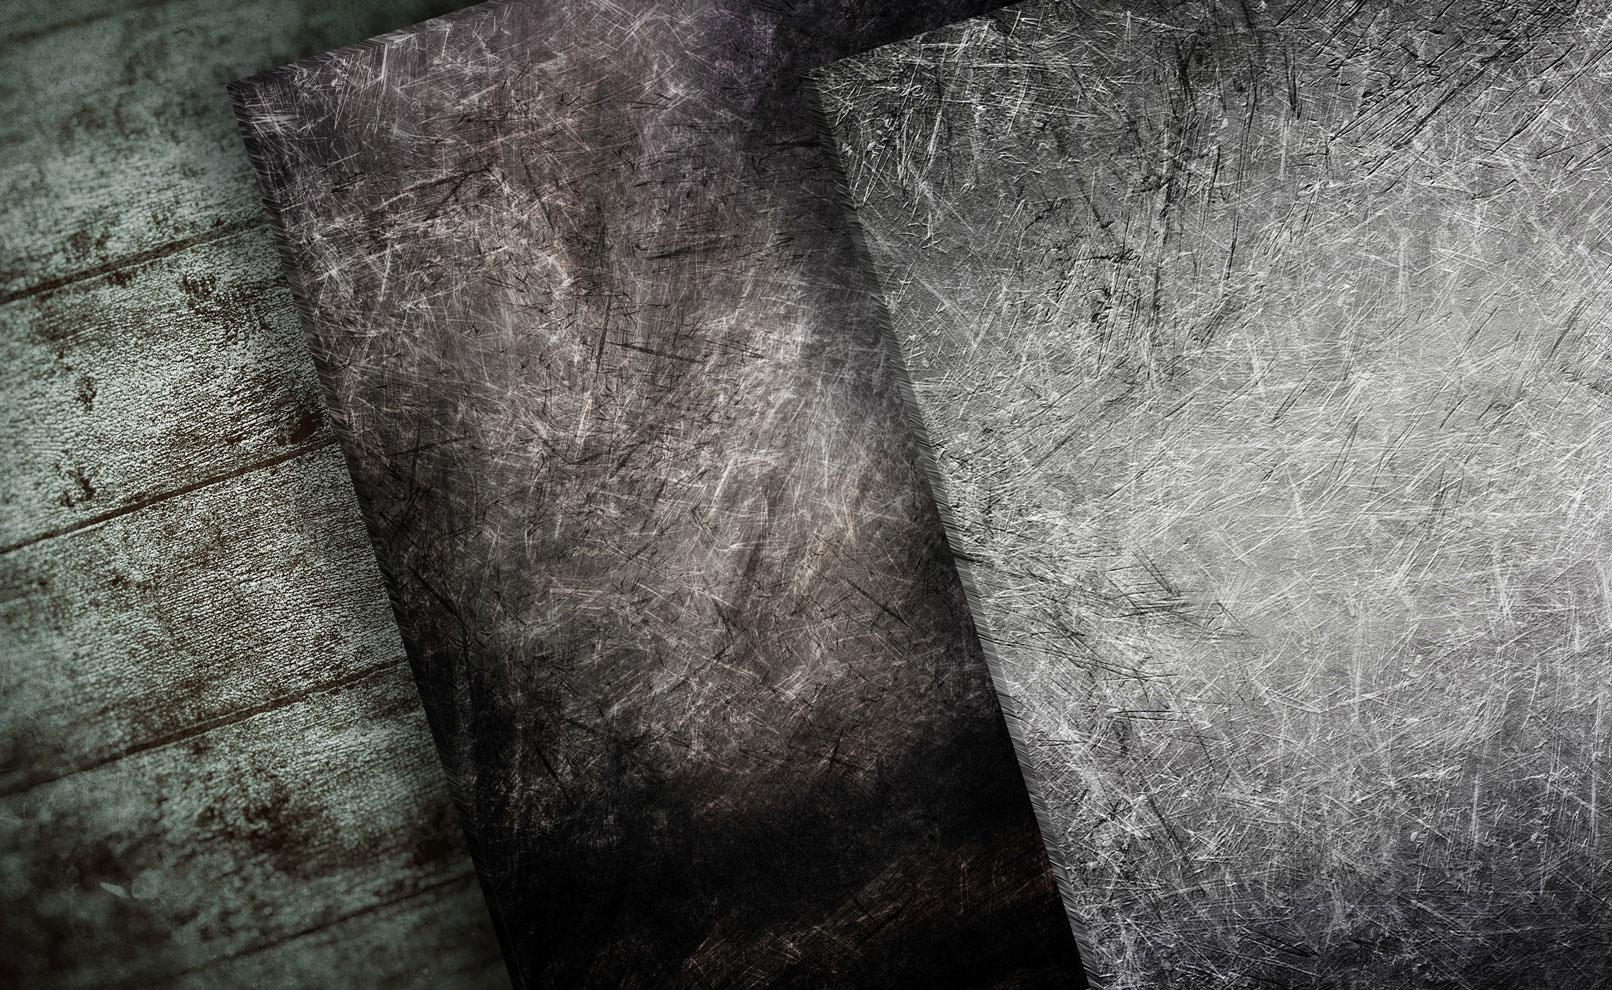 Hochaufgelöste Grunge-Texturen in Grau